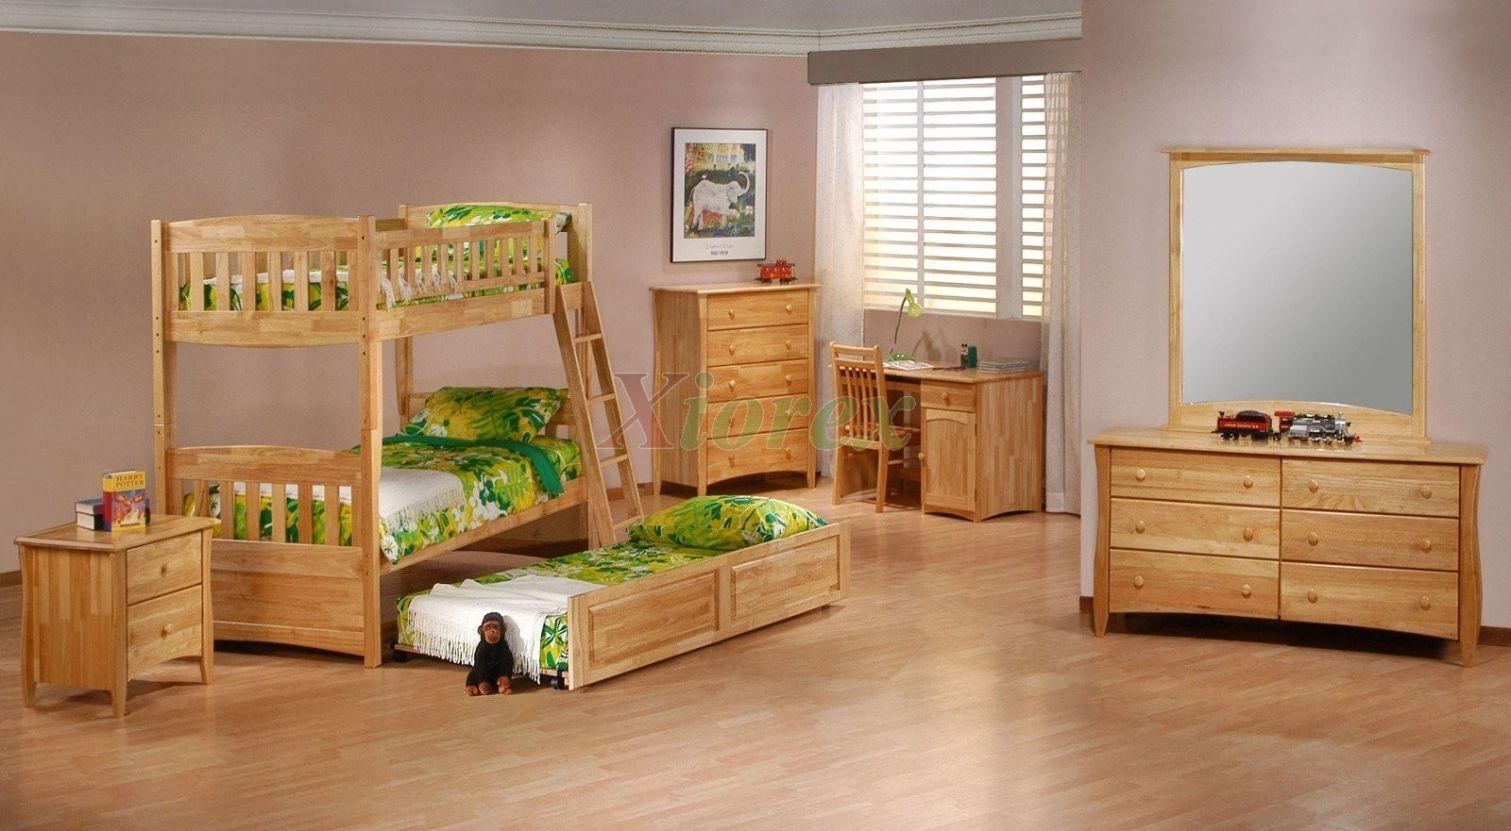 Twin loft bedroom ideas   Twin Bunk Bed Sets  Master Bedroom Interior Design Ideas Check